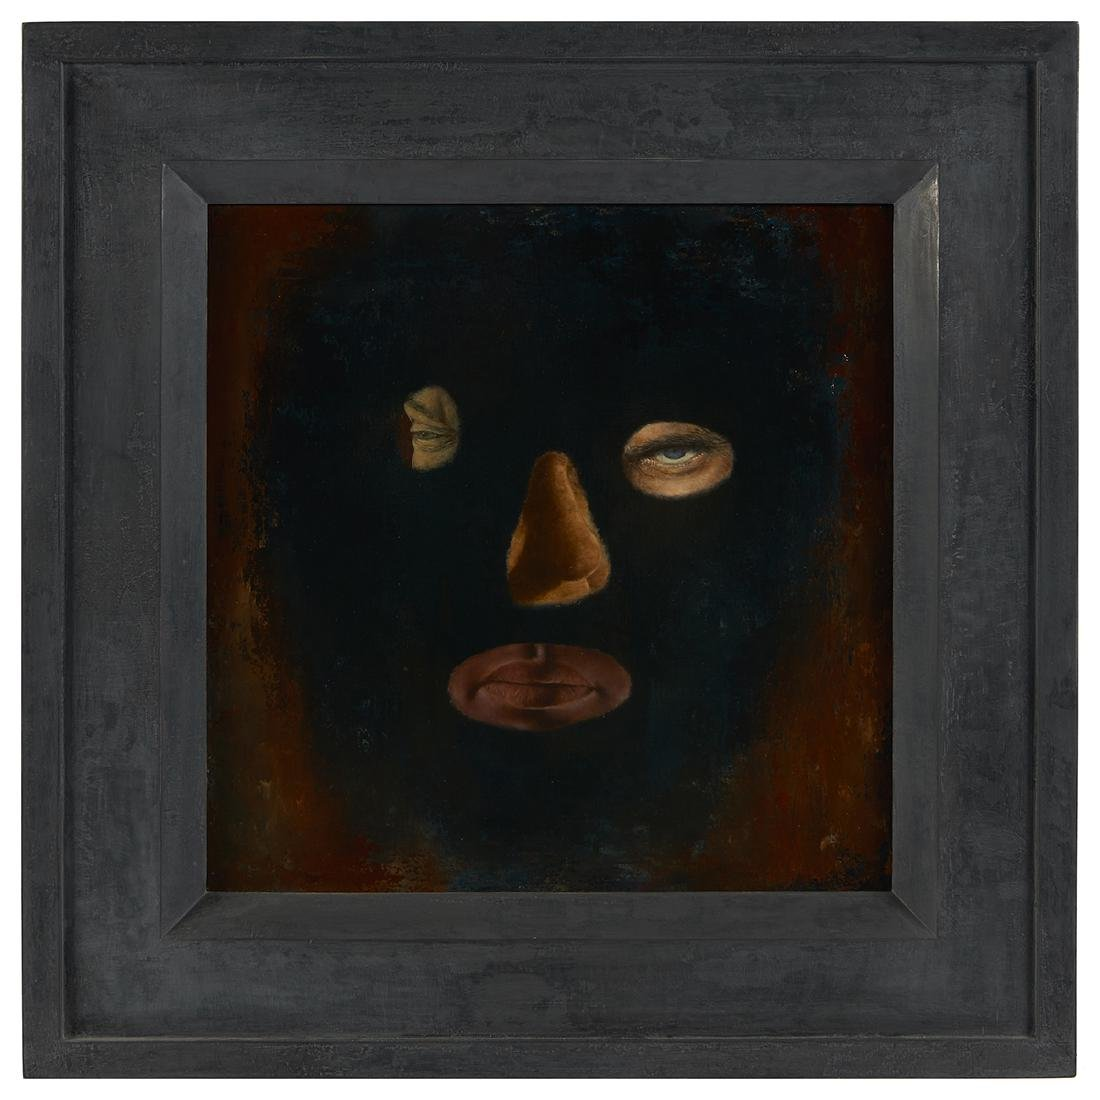 Ken Warneke, Untitled - 2